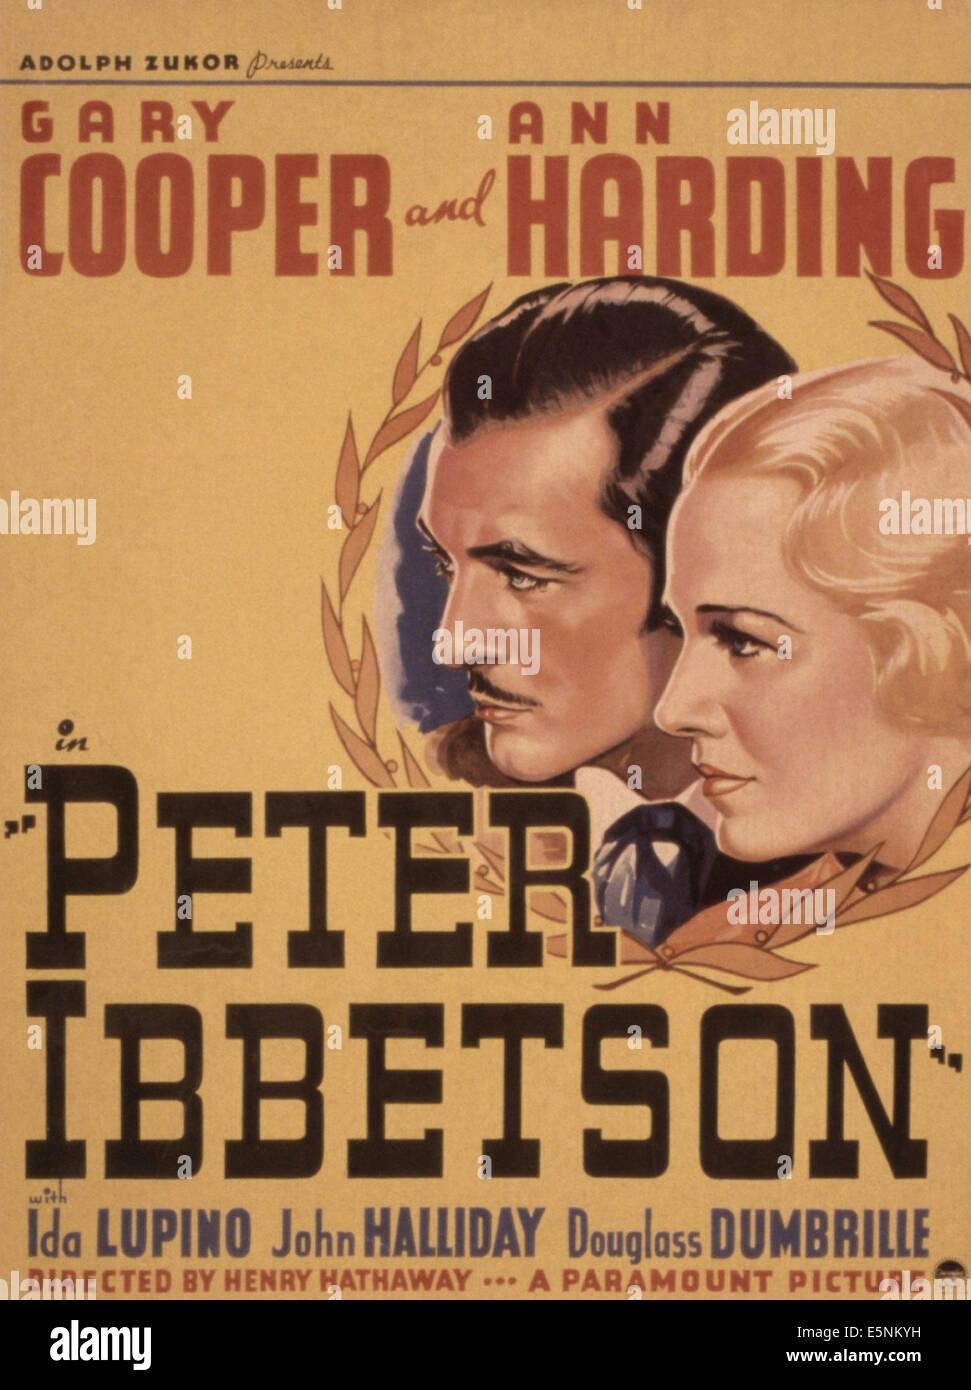 PETER IBBETSON, Gary Cooper, Ann Harding, 1935 - Stock Image